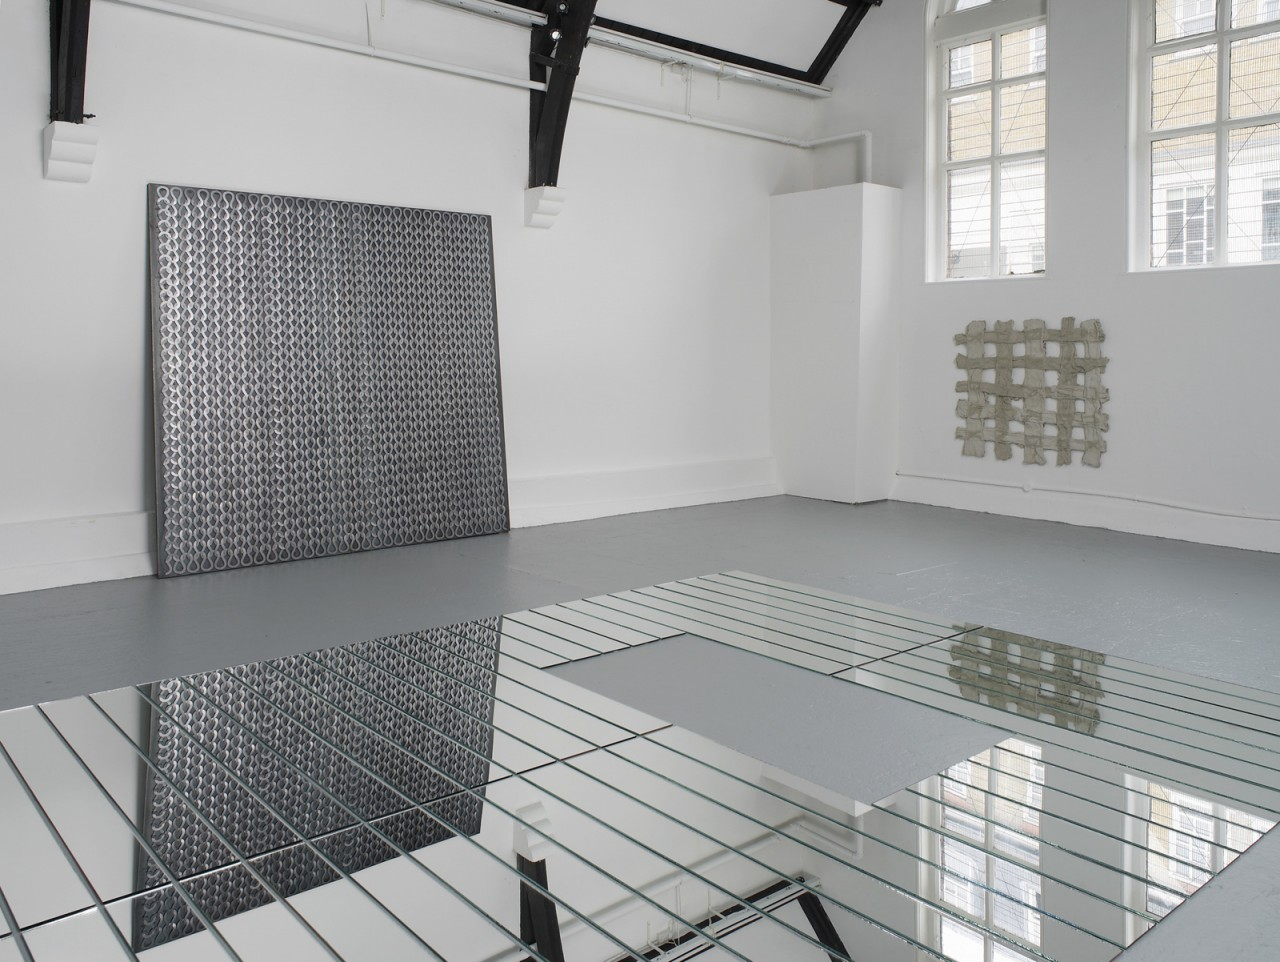 ALEXANDRA BIRCKEN 'Alexandra Bircken', Studio Voltaire, London, 2011